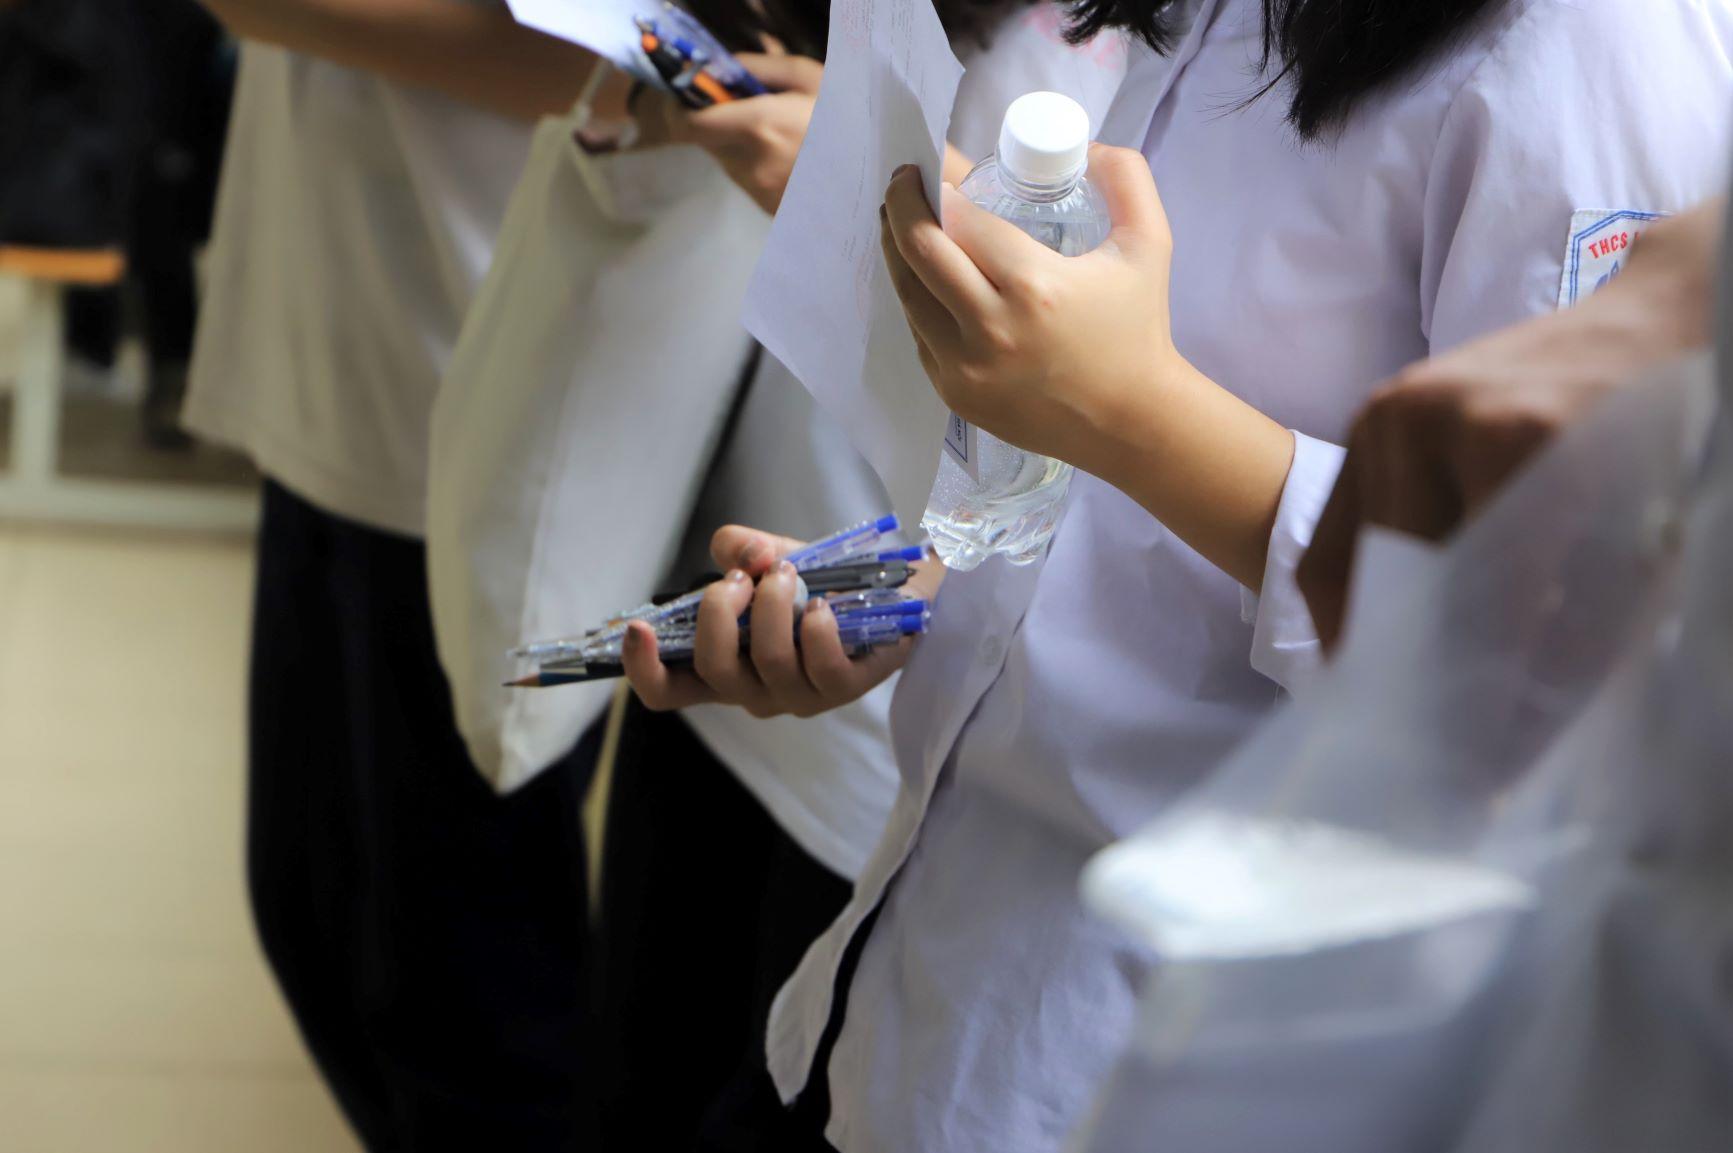 Là môn thi Ngữ văn (tự luận 120 phút) nên nhiều thí sinh chuẩn bị hẳn cả một... nắm bút cho yên tâm. Nước uống (bóc nhãn dán) cũng được phép mang vào phòng thi